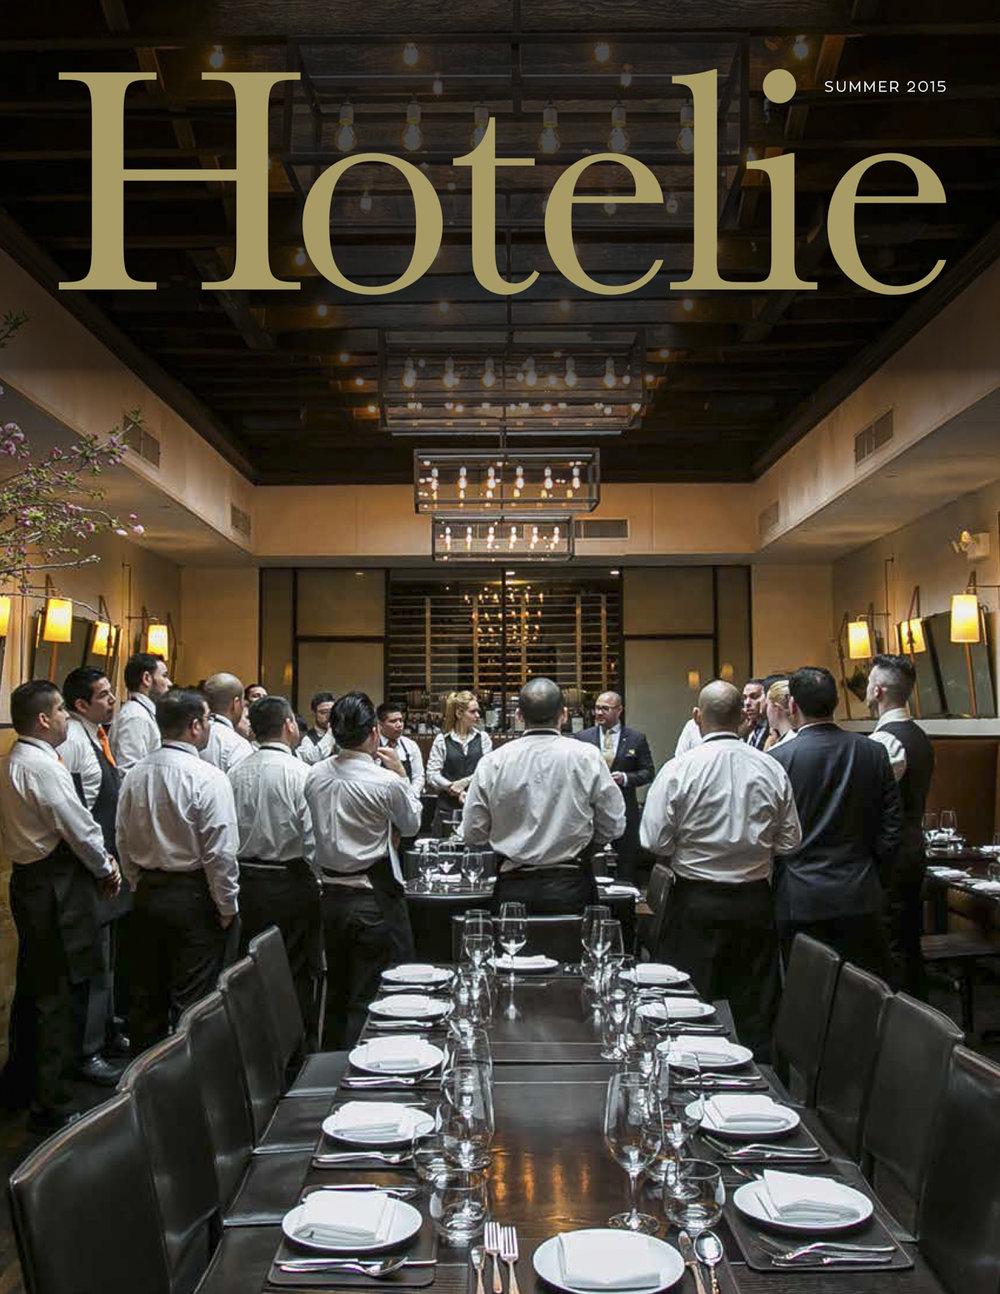 Hotelie_Summer15_FINAL_7-8-15-1.jpg